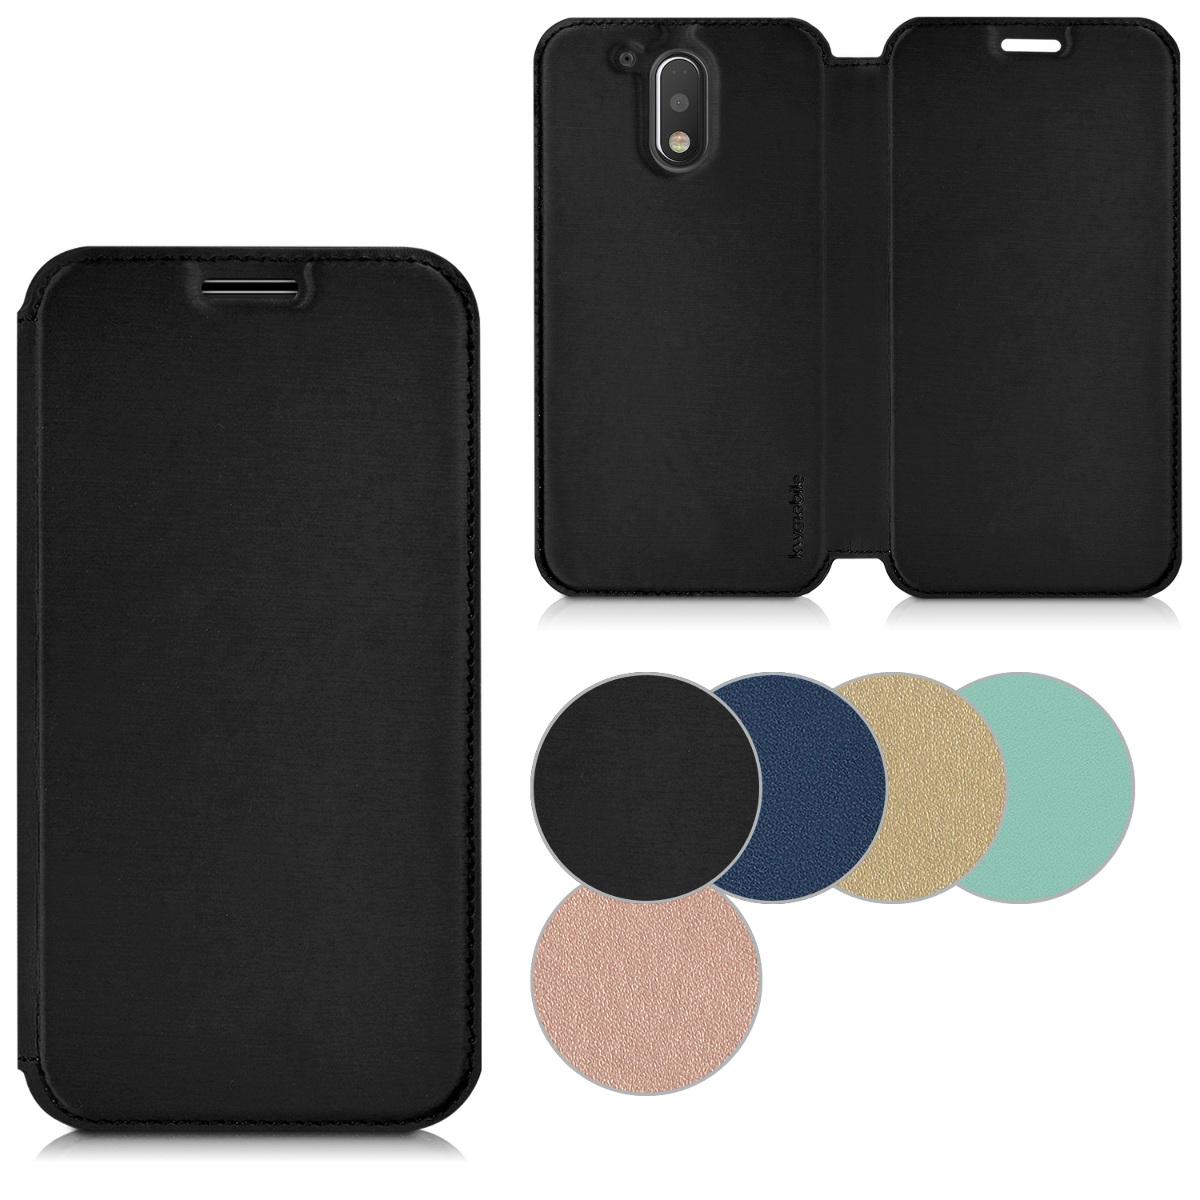 e3e40809c03 kwmobile Funda para Motorola Moto G4 / Moto G4 Plus - Carcasa con {tapa  tipo libro} para móvil - Case protector en {color deseado}